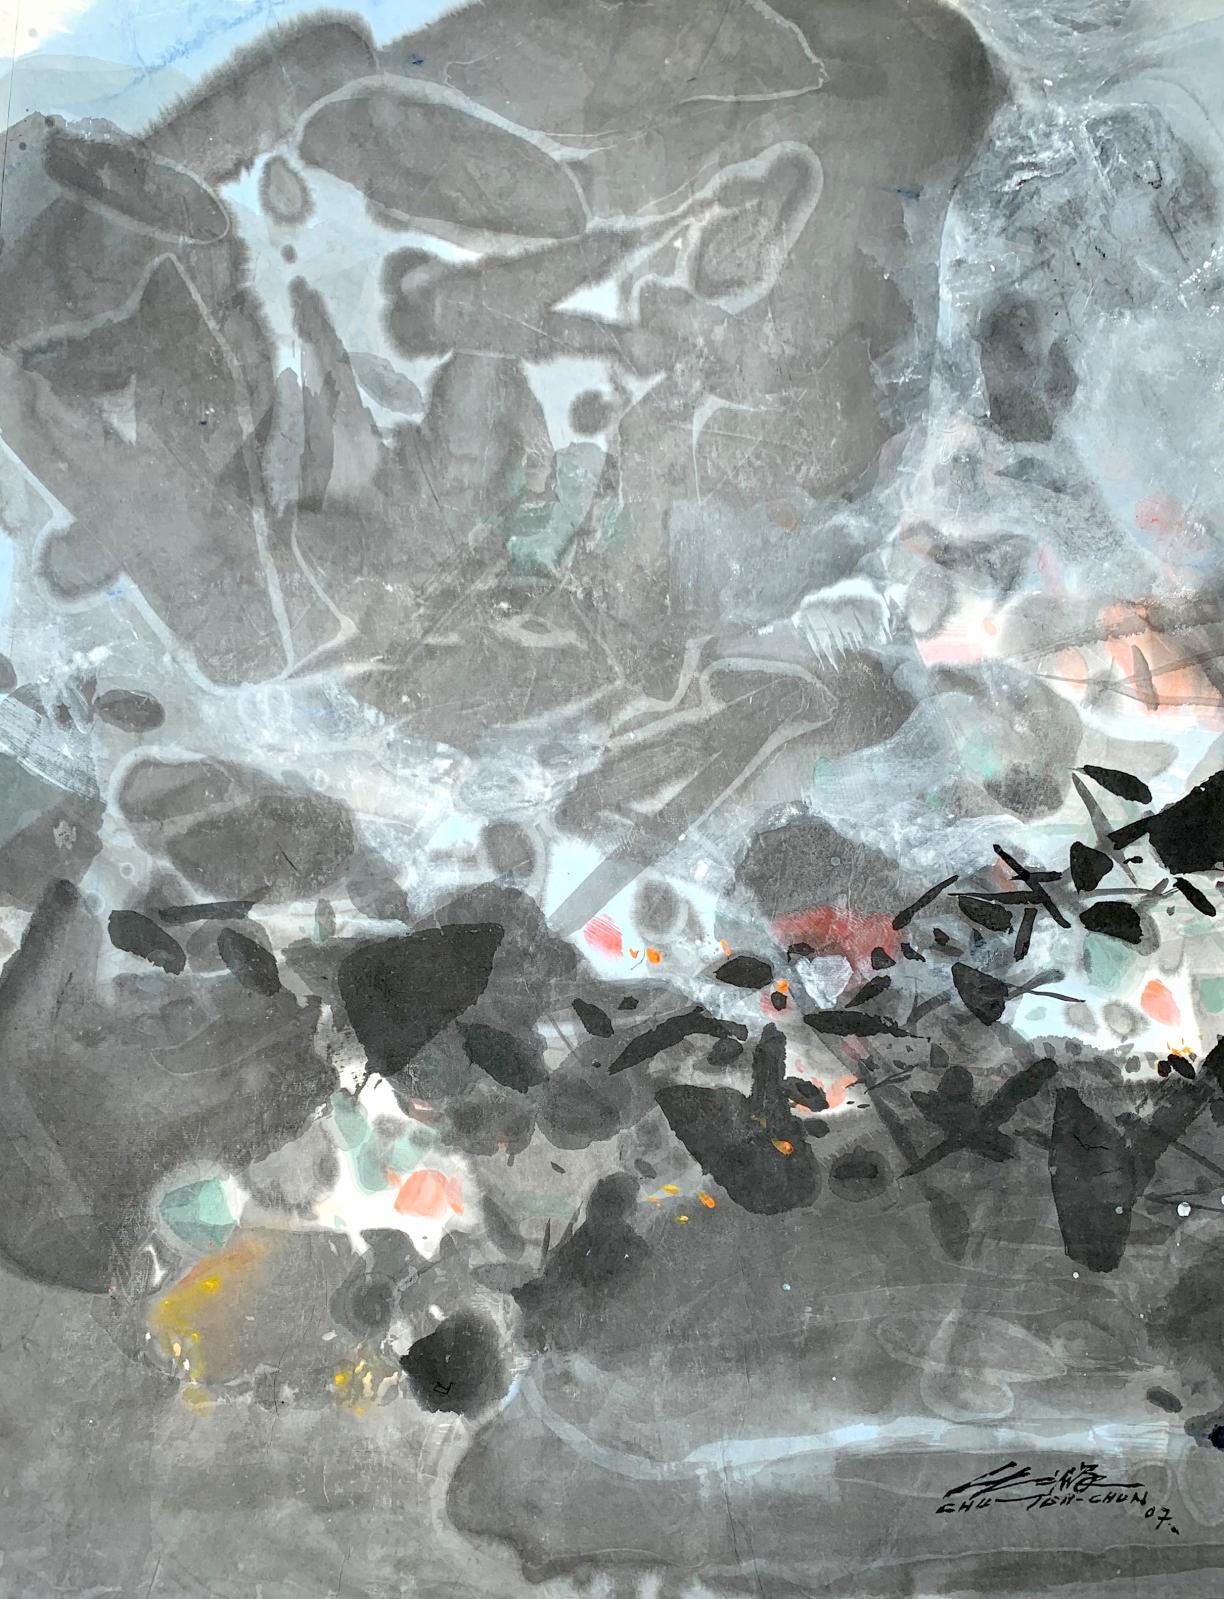 Chu Teh-chun, Sans titre, encre sur papier, 2007, 68,5x53,5cm. ©Adagp Paris 2020